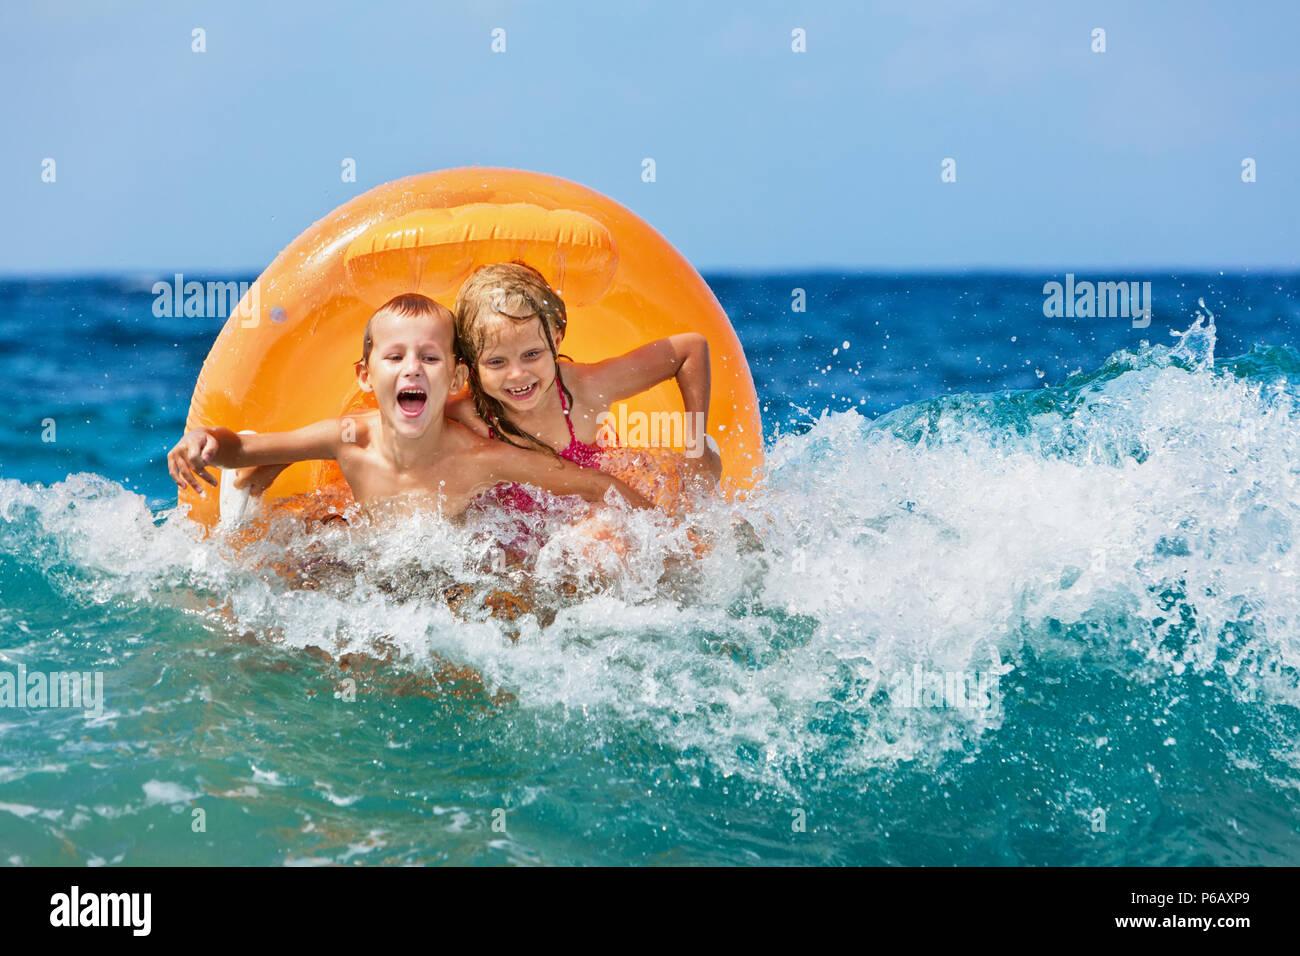 Happy kids ont in surf mer sur plage. Couple d'enfants joyeux sur anneau gonflable ride sur l'onde. Style de voyage, la baignade sur les jours fériés Banque D'Images